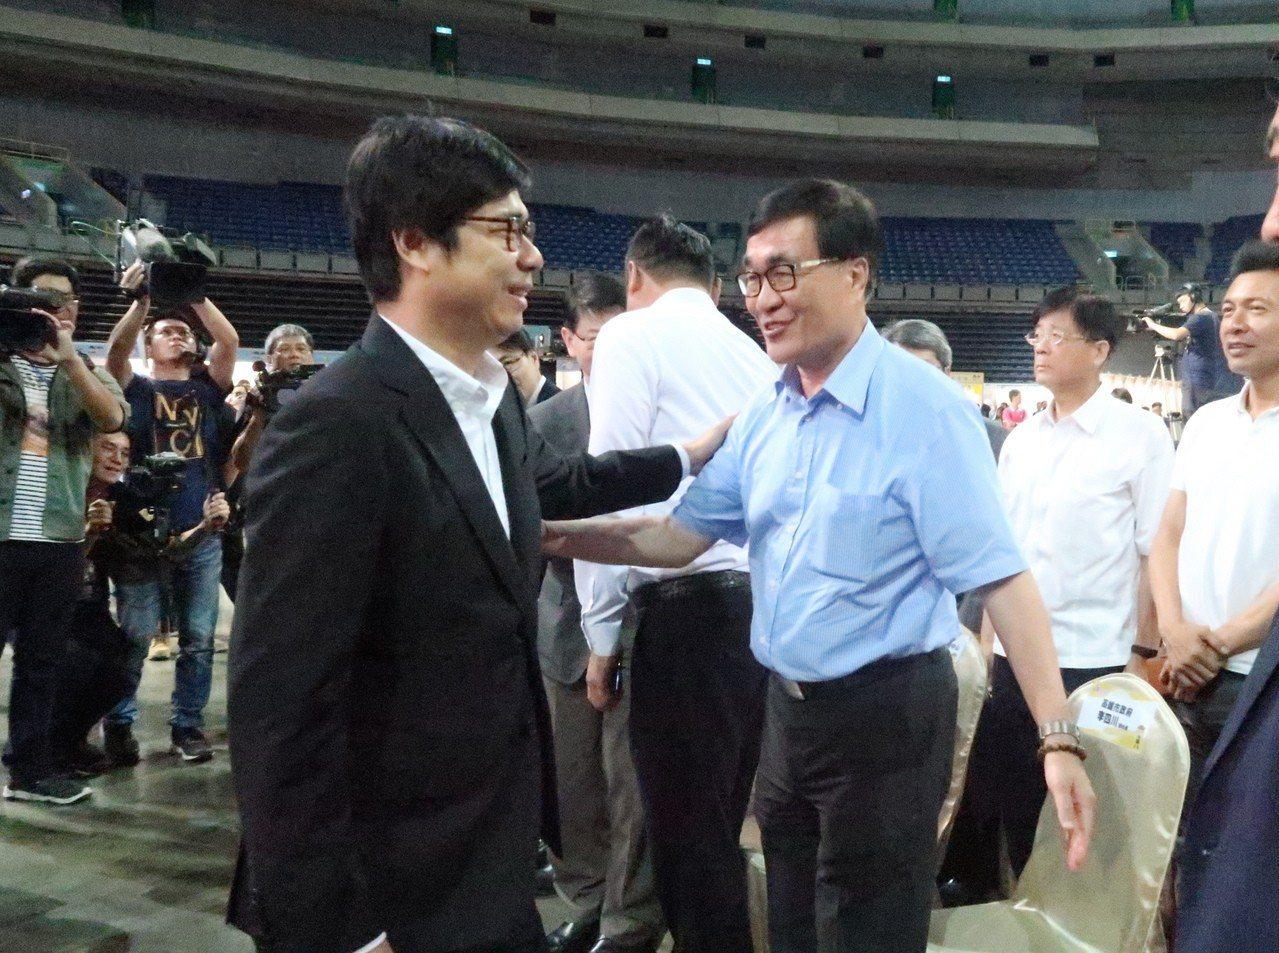 行政院副院長陳其邁(左)出席高雄巨蛋反毒博覽會,指韓市長沒有來非常可惜,許多人會...